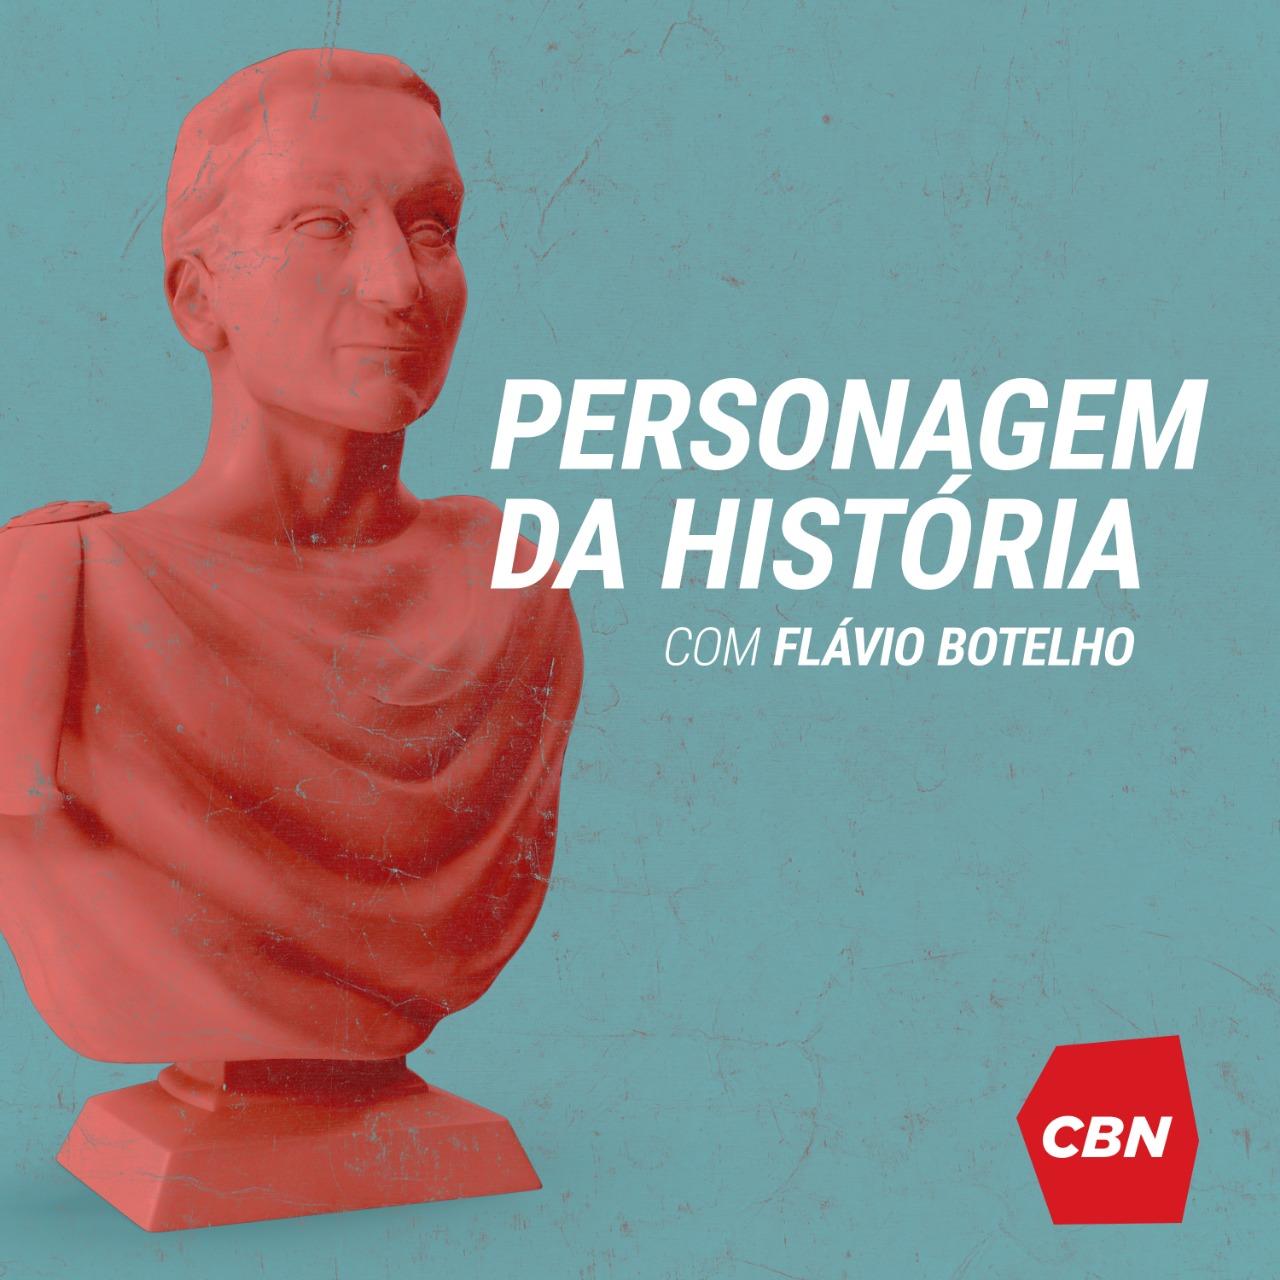 Personagem da História